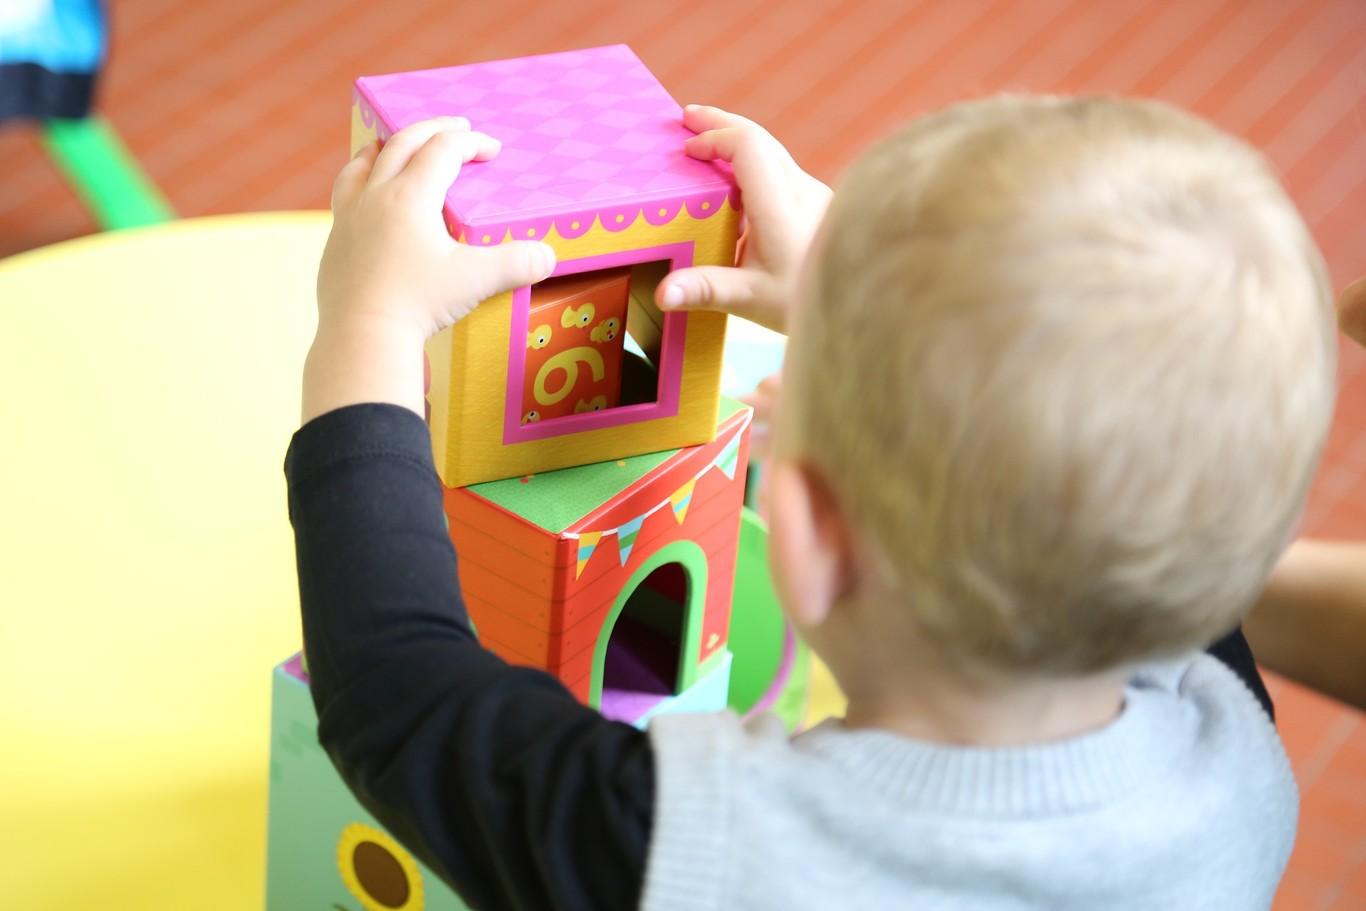 Los siete mejores consejos para ayudar a los niños en la adaptación a la guardería o escuela infantil